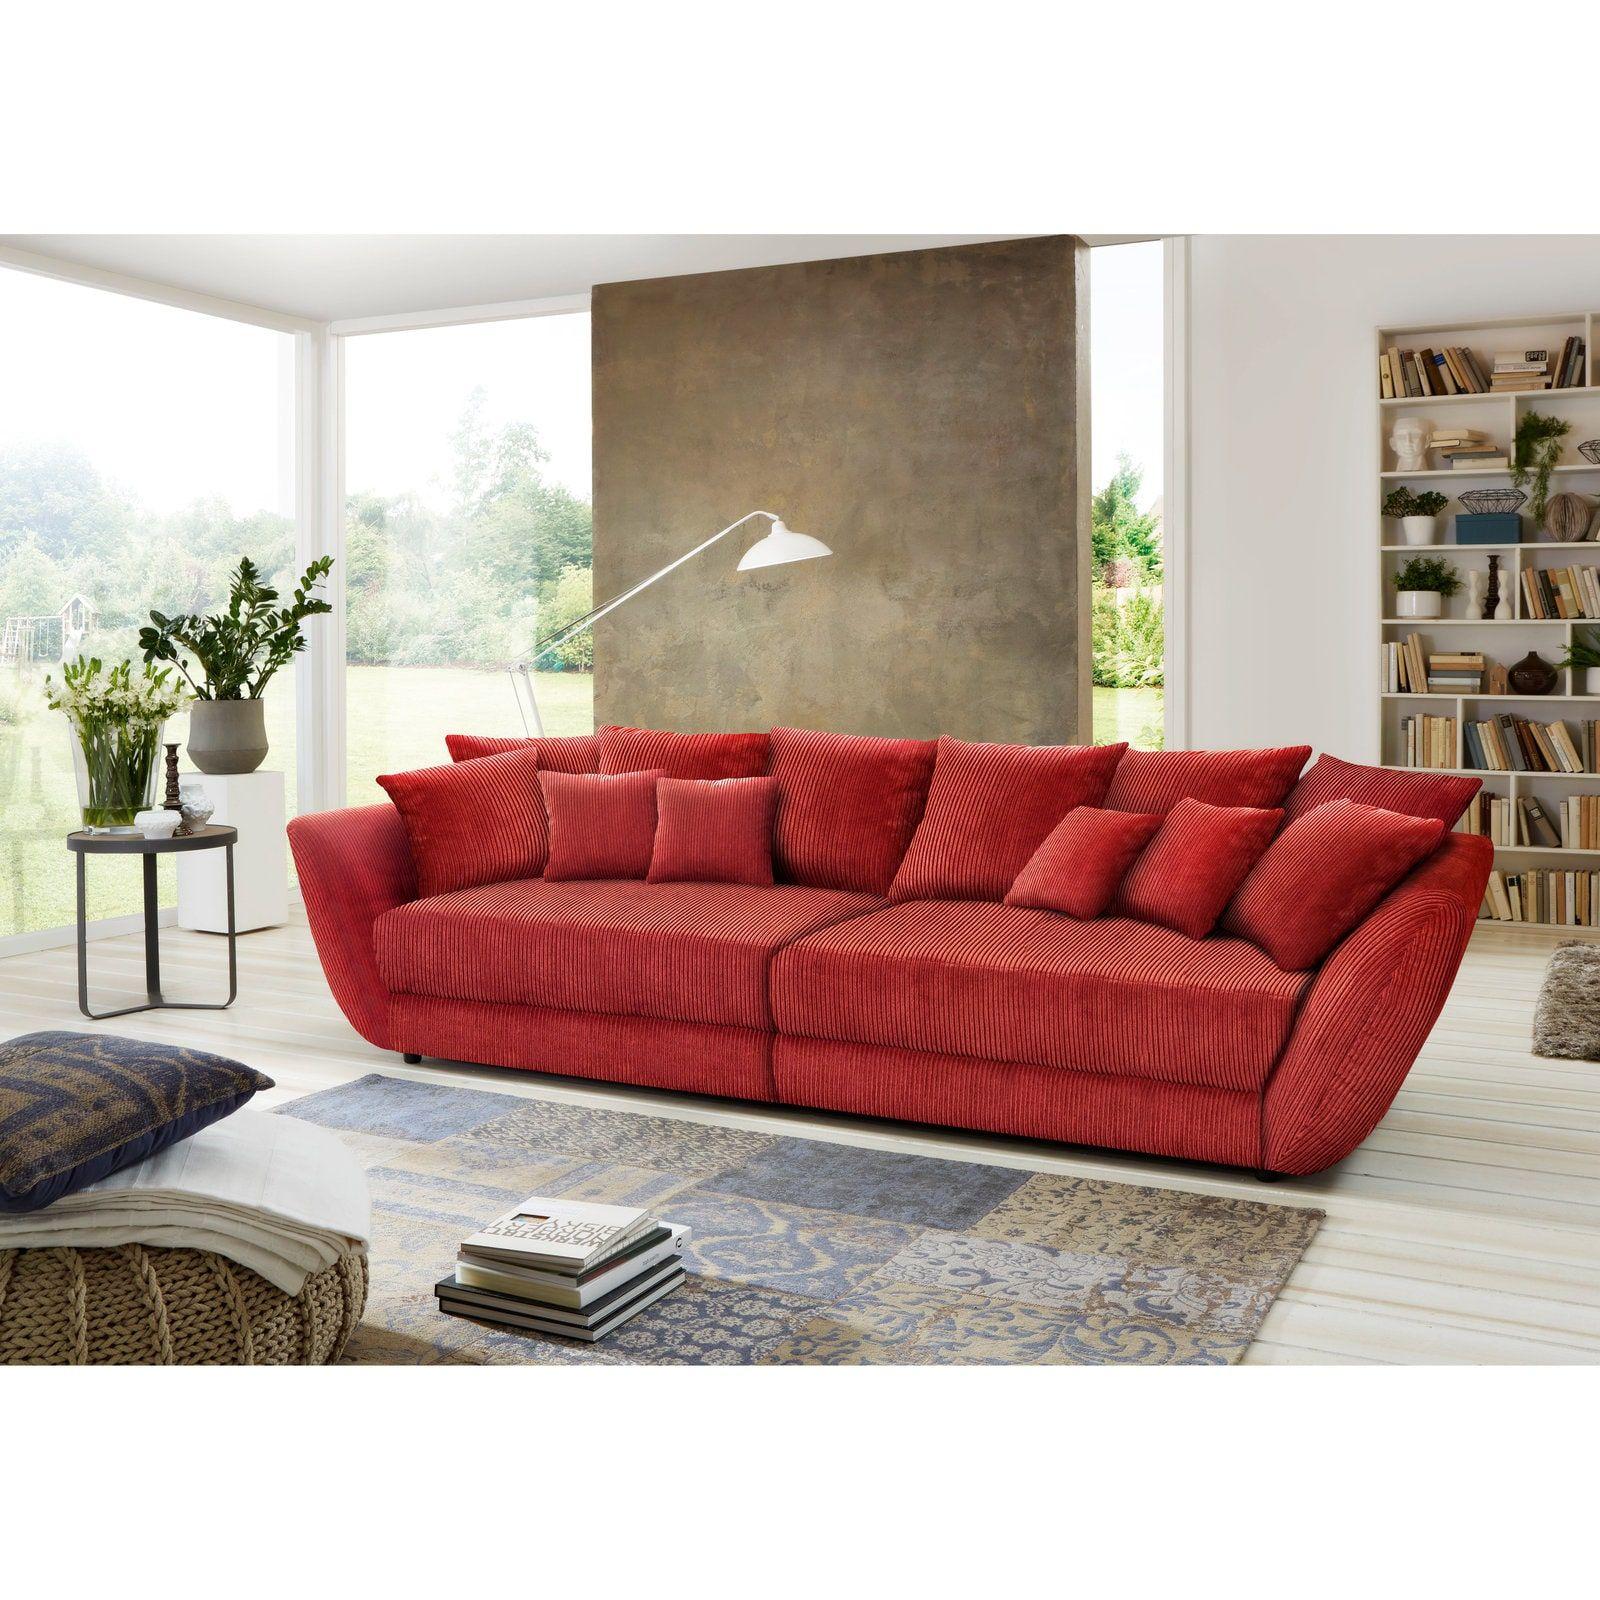 Dieses Fabelhafte Big Sofa Ist Eine Echte Wohlfuhloase Und Bietet